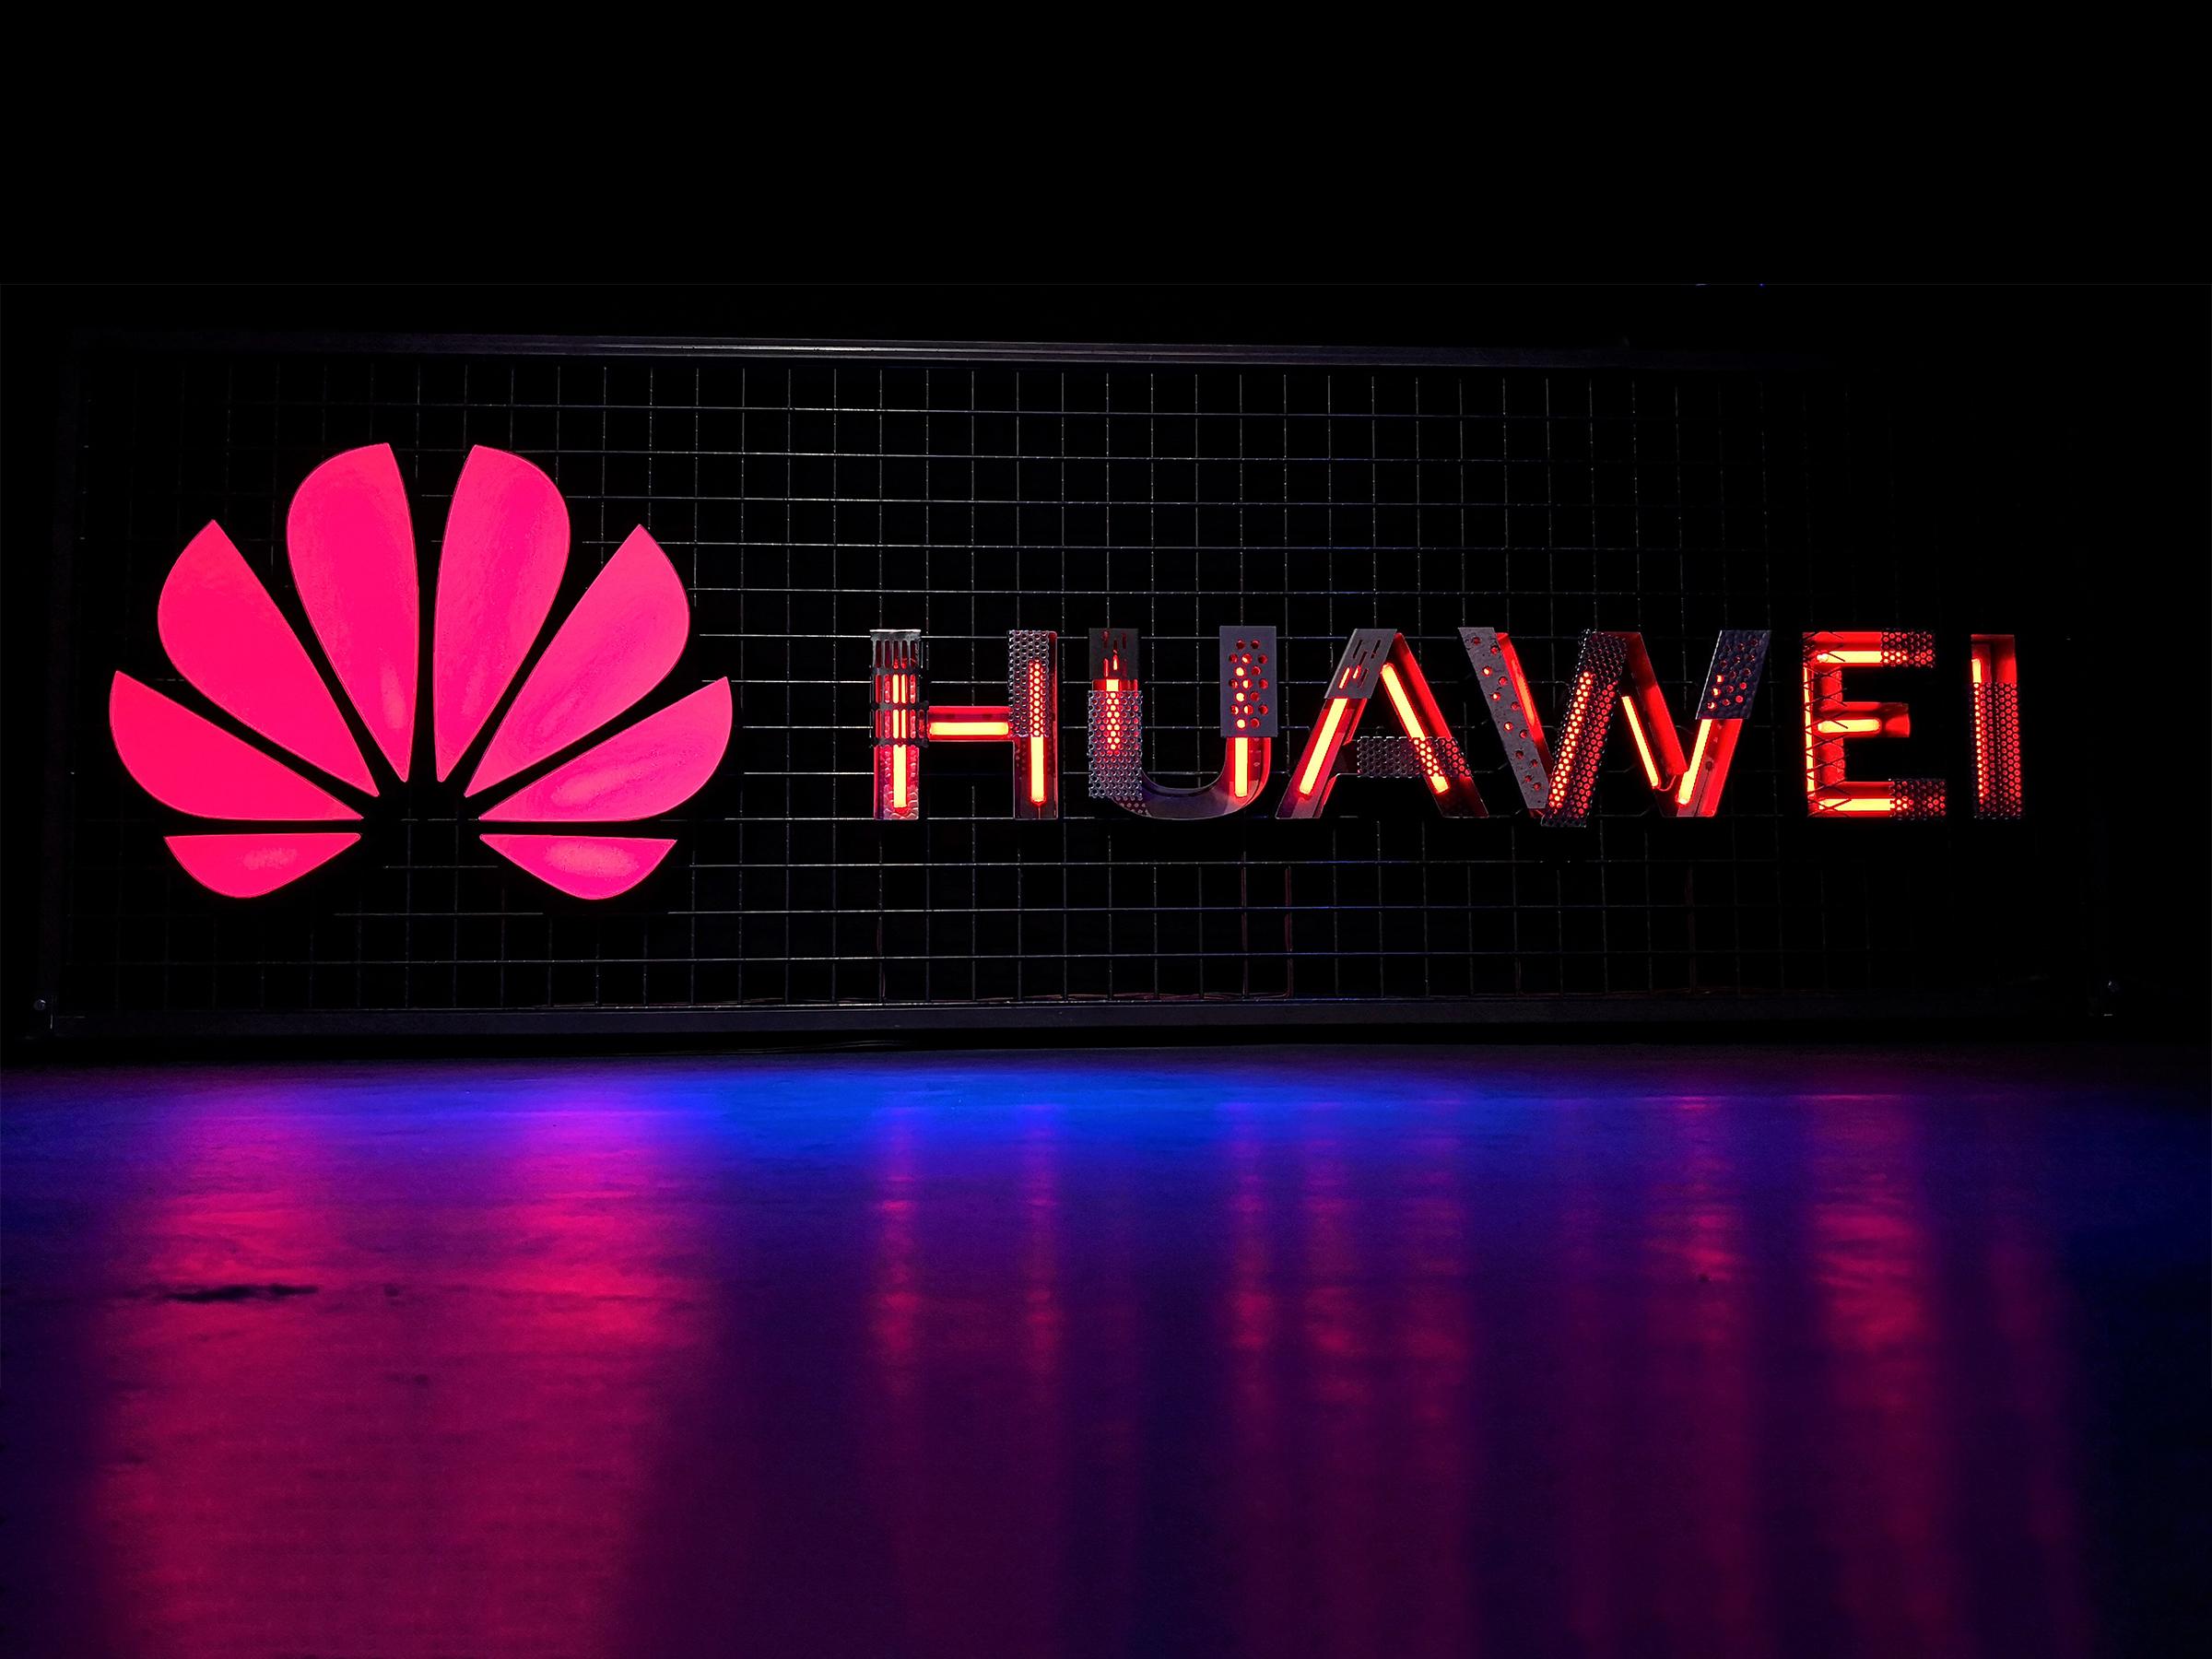 هواوی 50 ملیون گوشی در سال 2020 تولید خواهد کرد